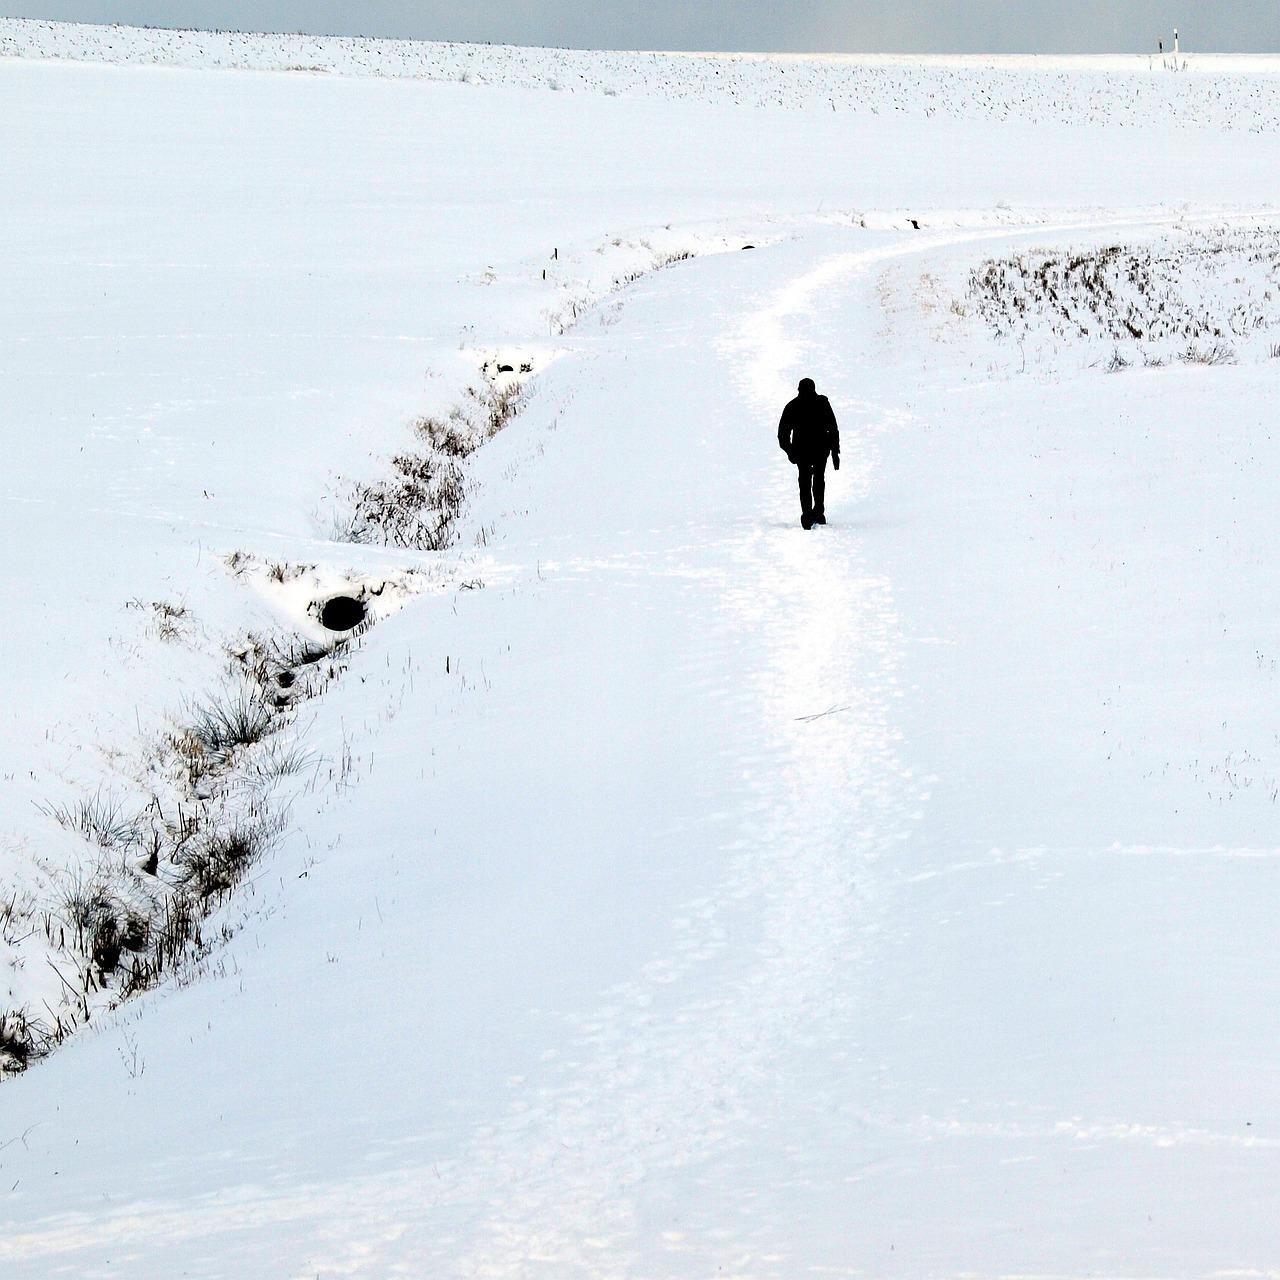 человек идущий по снегу картинки виды новообразований долго